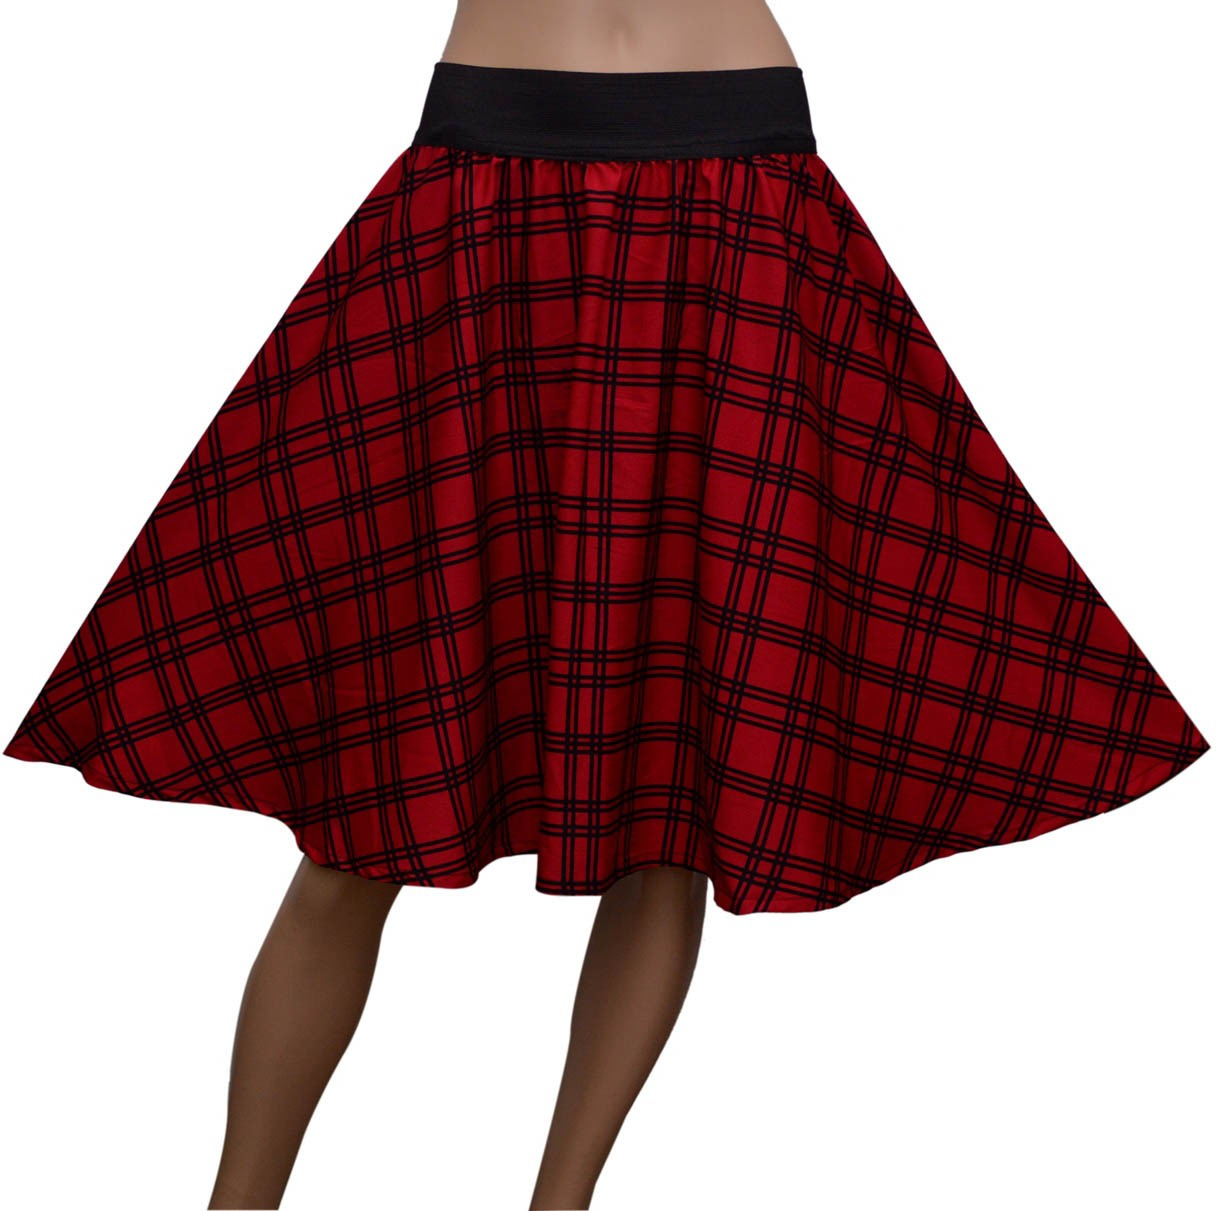 GraceDiva Checkered Womens Gathered Red Skirt